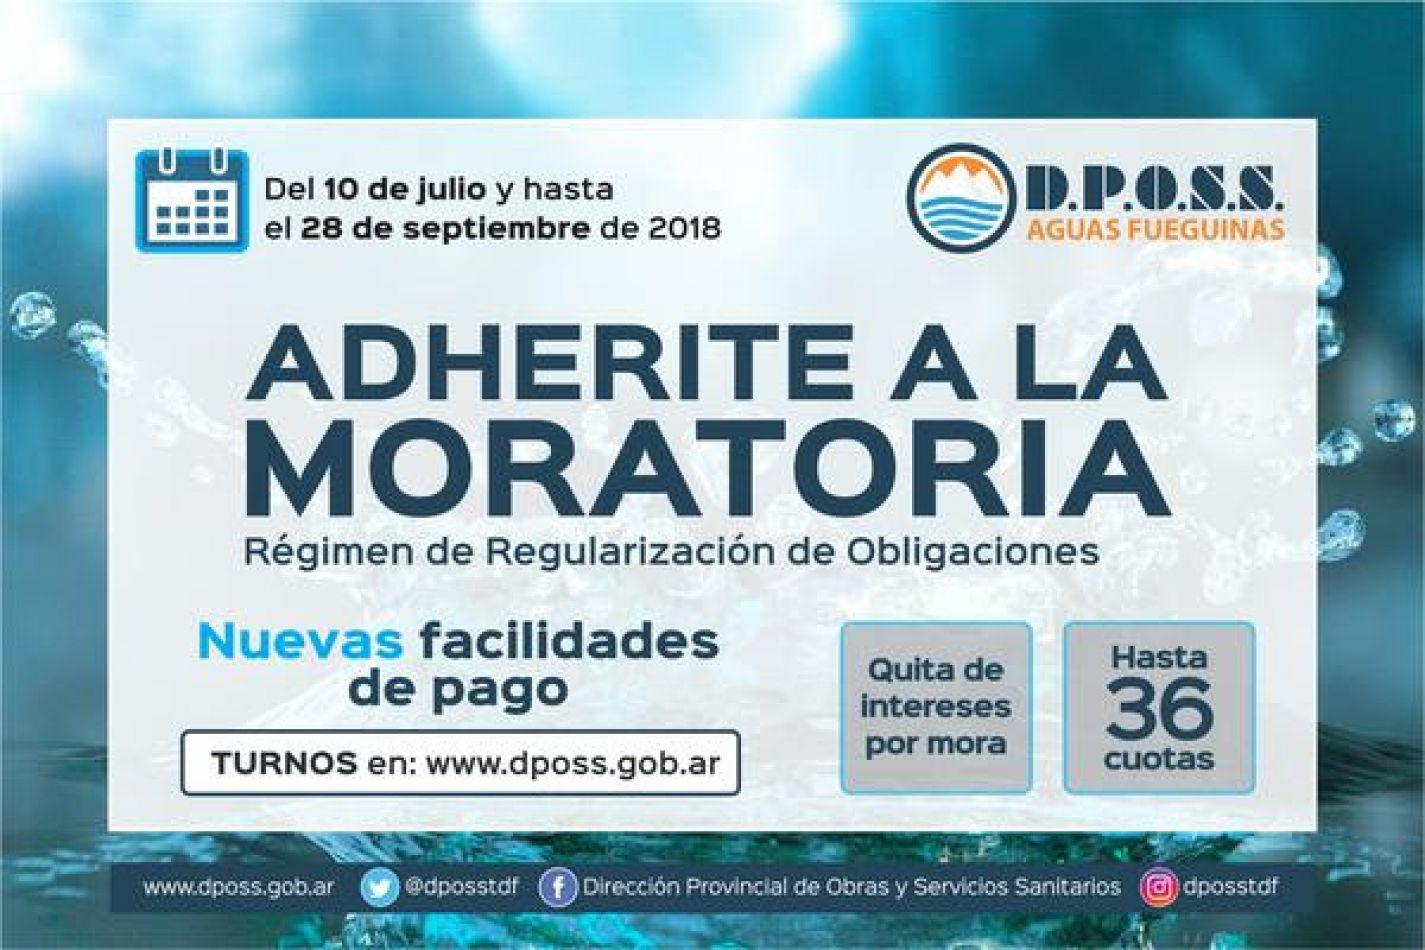 Dposs lanza nueva moratoria de cancelación de deudas